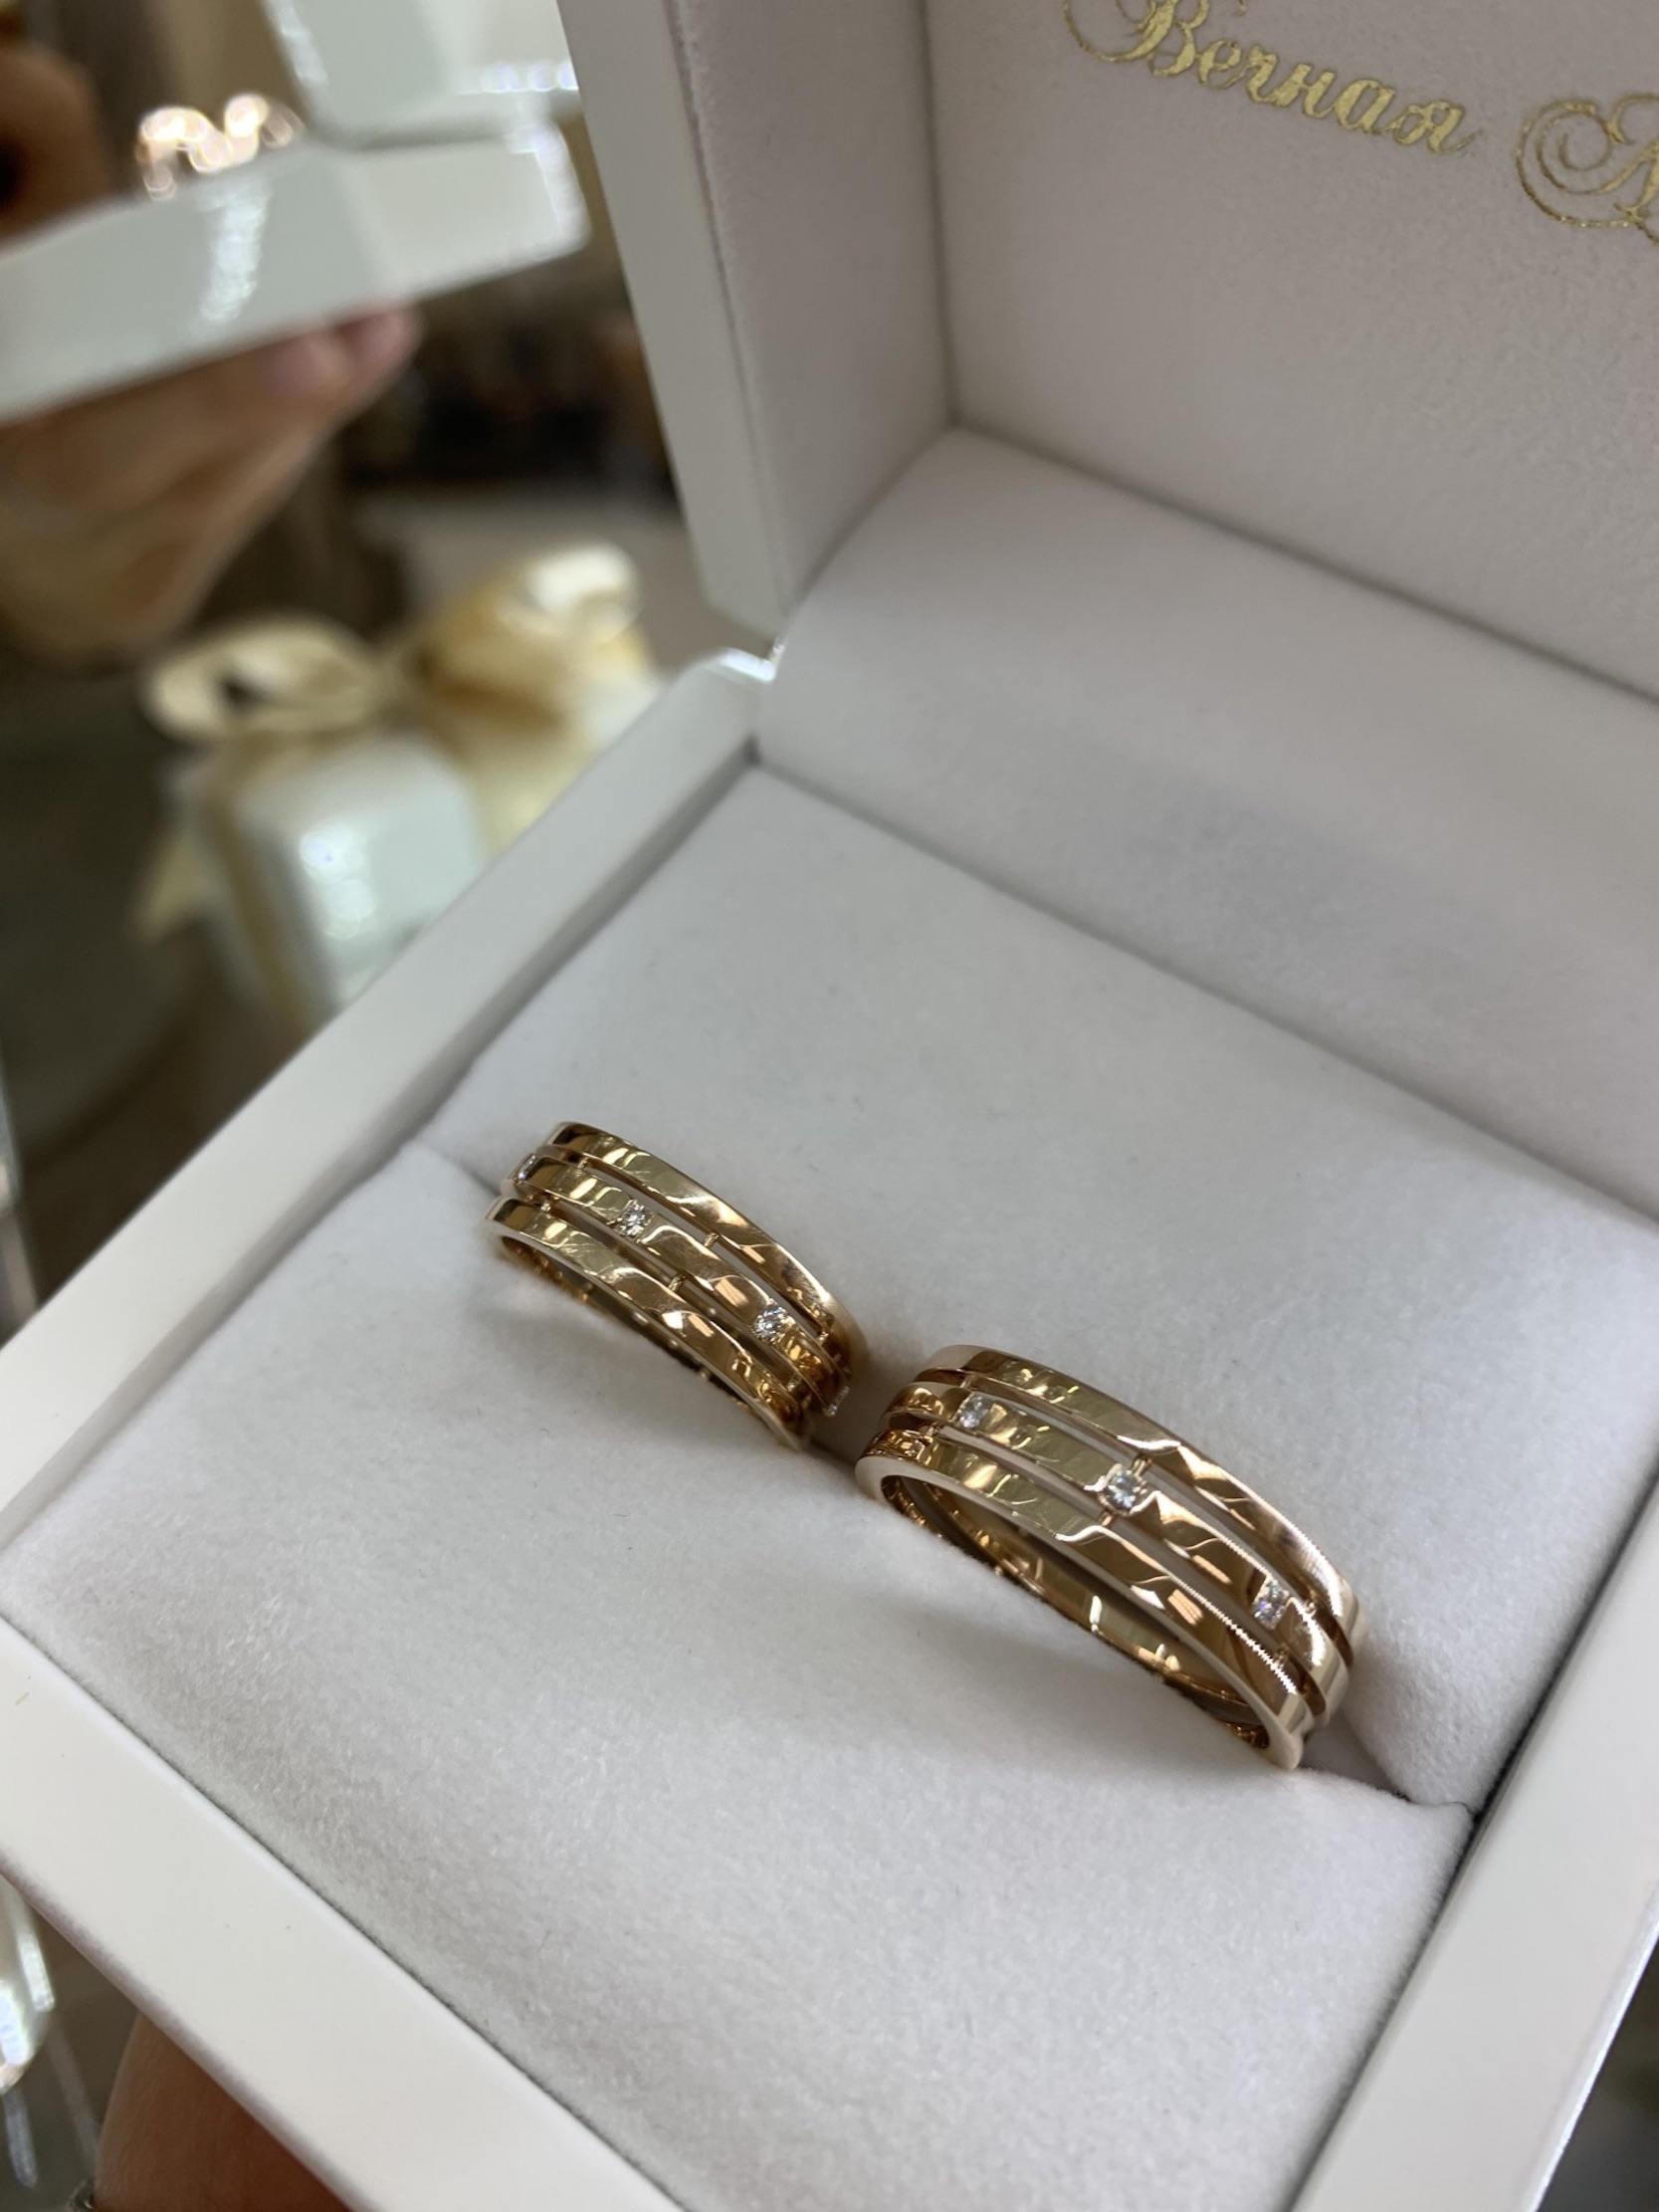 NV19 парные обручальные кольца их розово-белого золота с гравировкой